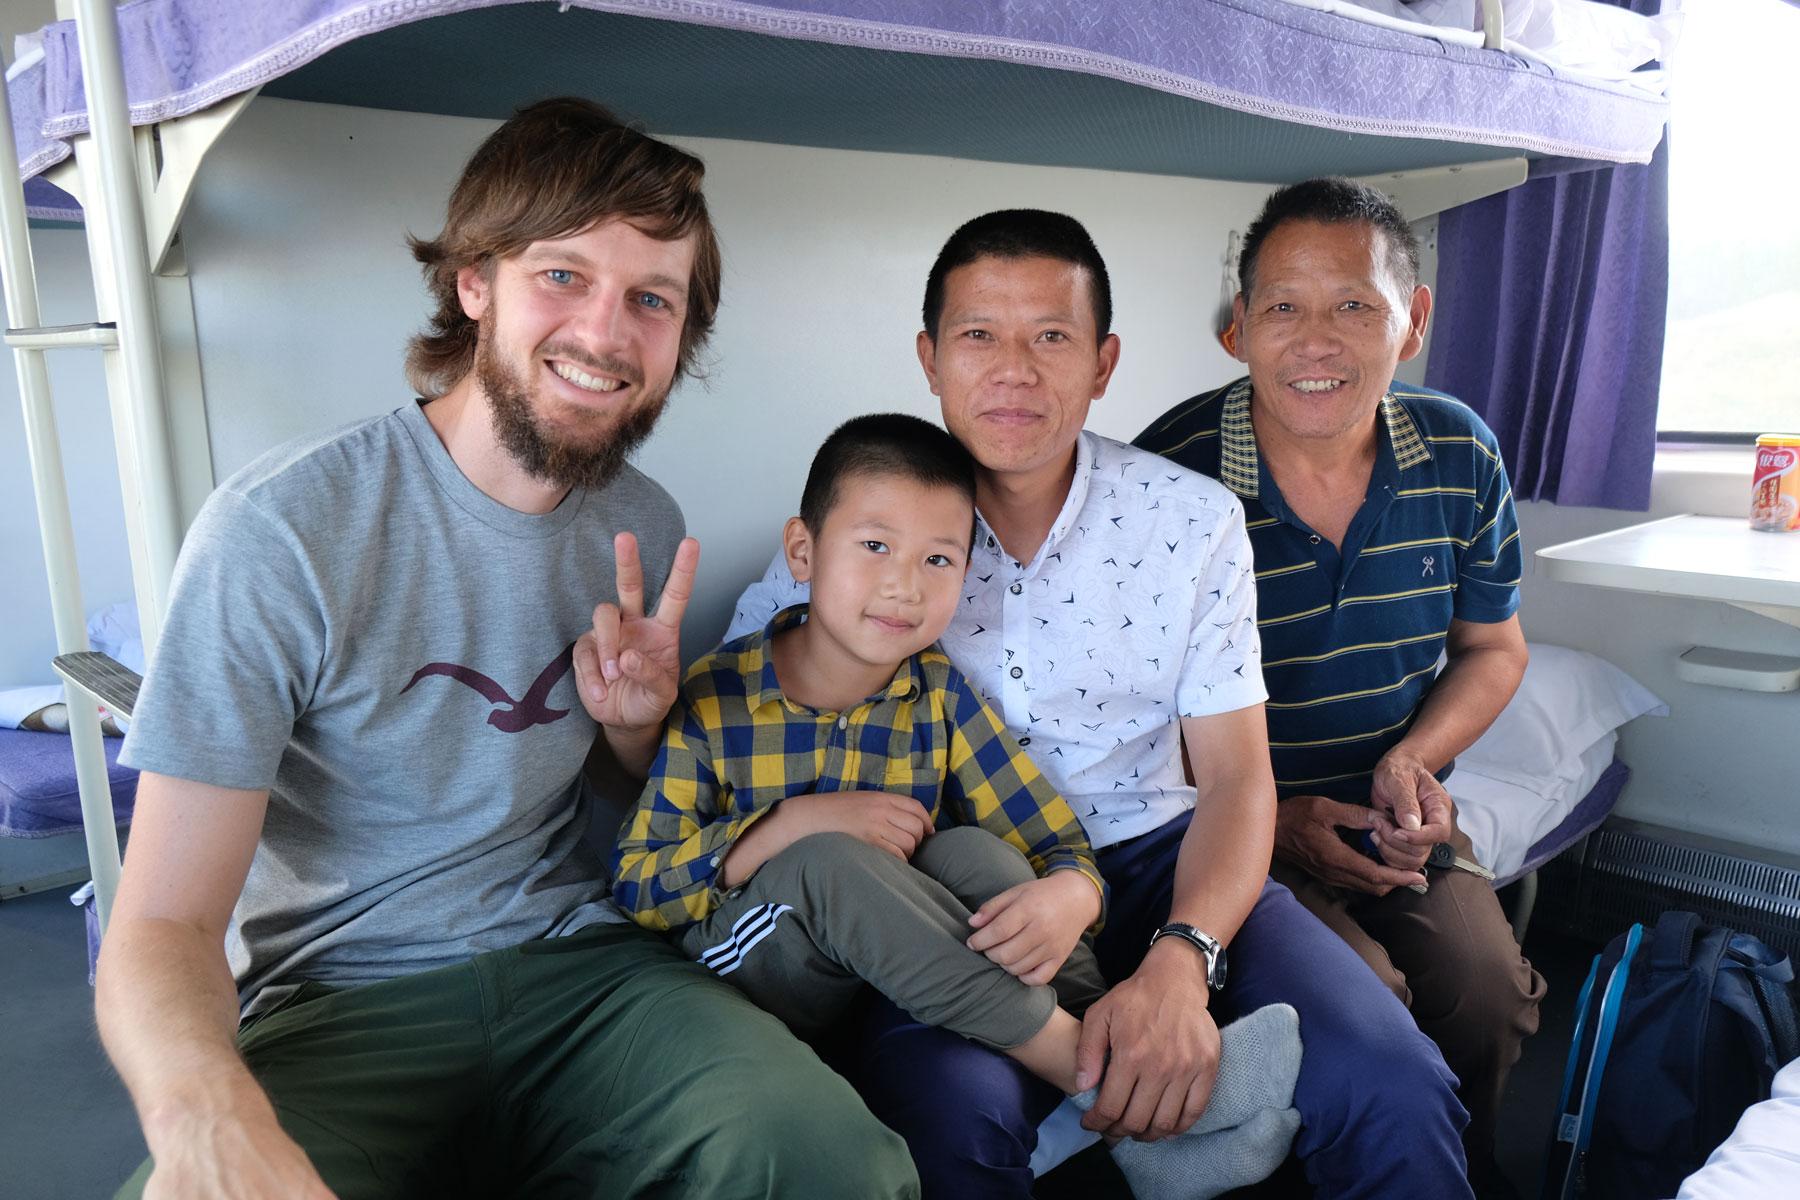 Abschiedsbild mit Nian, seinem Vater und Opa